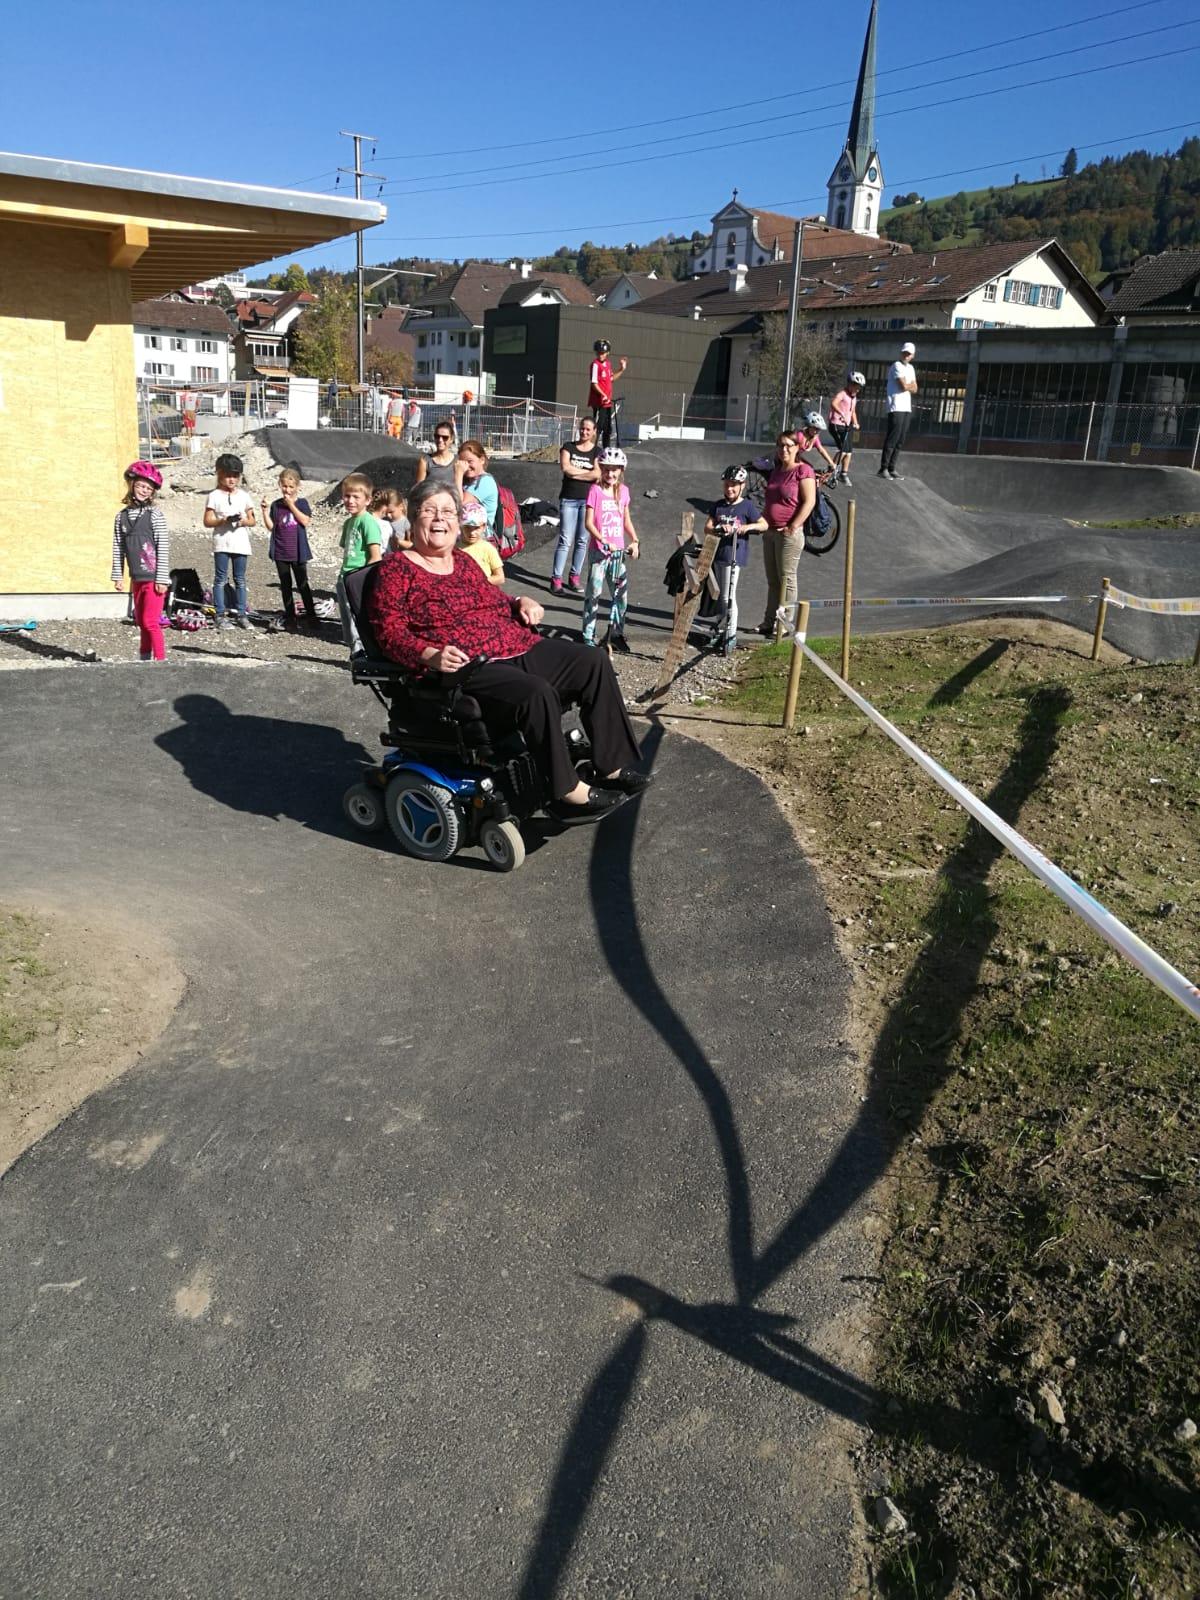 Der Pumptrack ist wortwörtlich für Jung und Alt geeignet und kann mit Bikes, Skateboards, Scooter aber auch mit Rollstühlen befahren werden! Wir freuen uns über eine sehr gelungene Mischung auf dem Pumptrack.